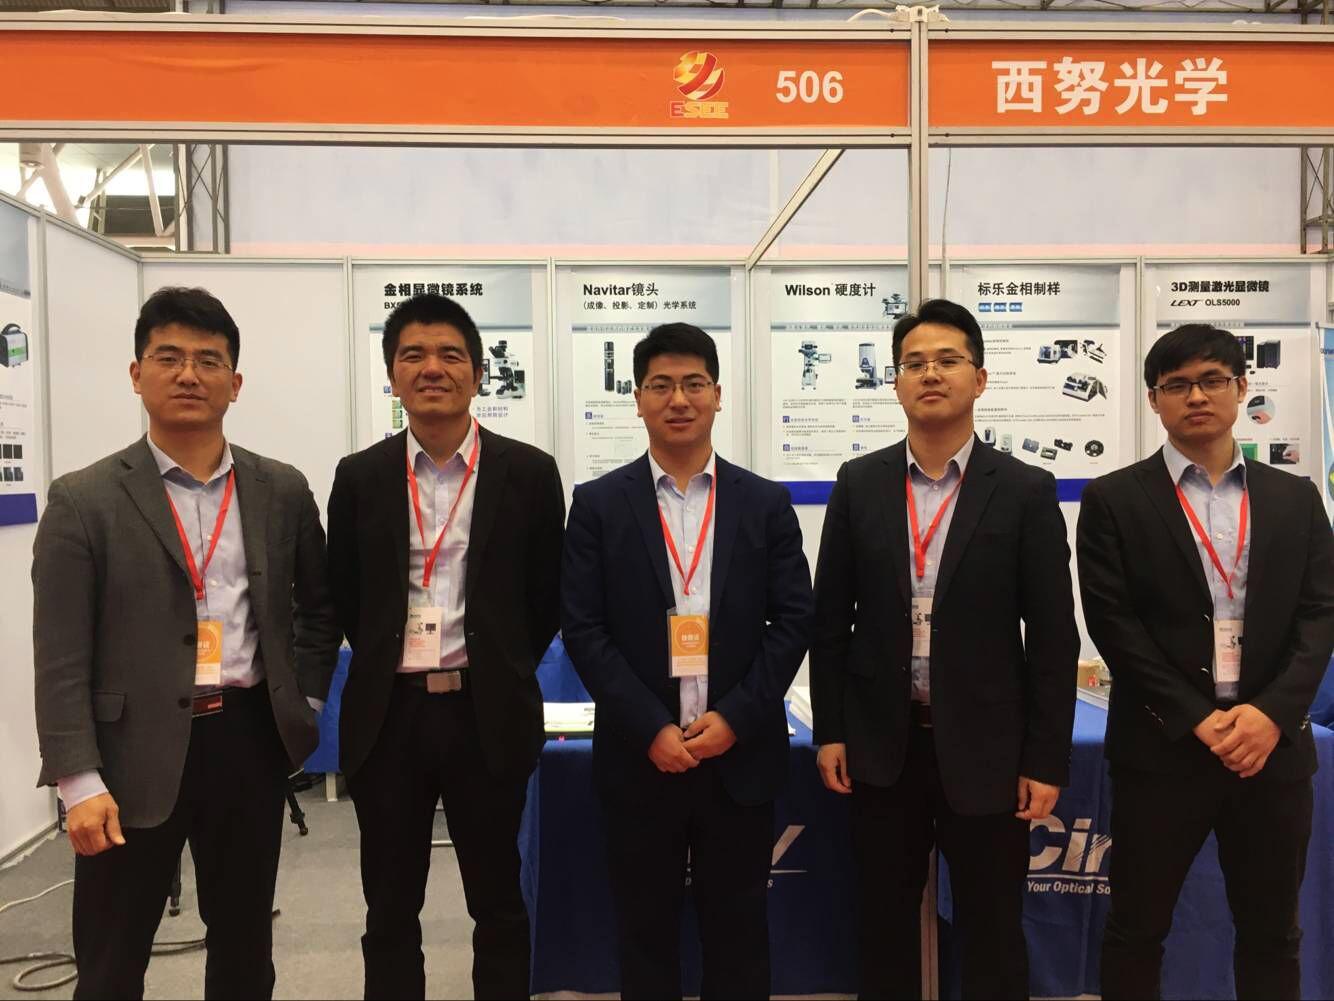 西努光学:用专业创造价值 用技术推动行业进步